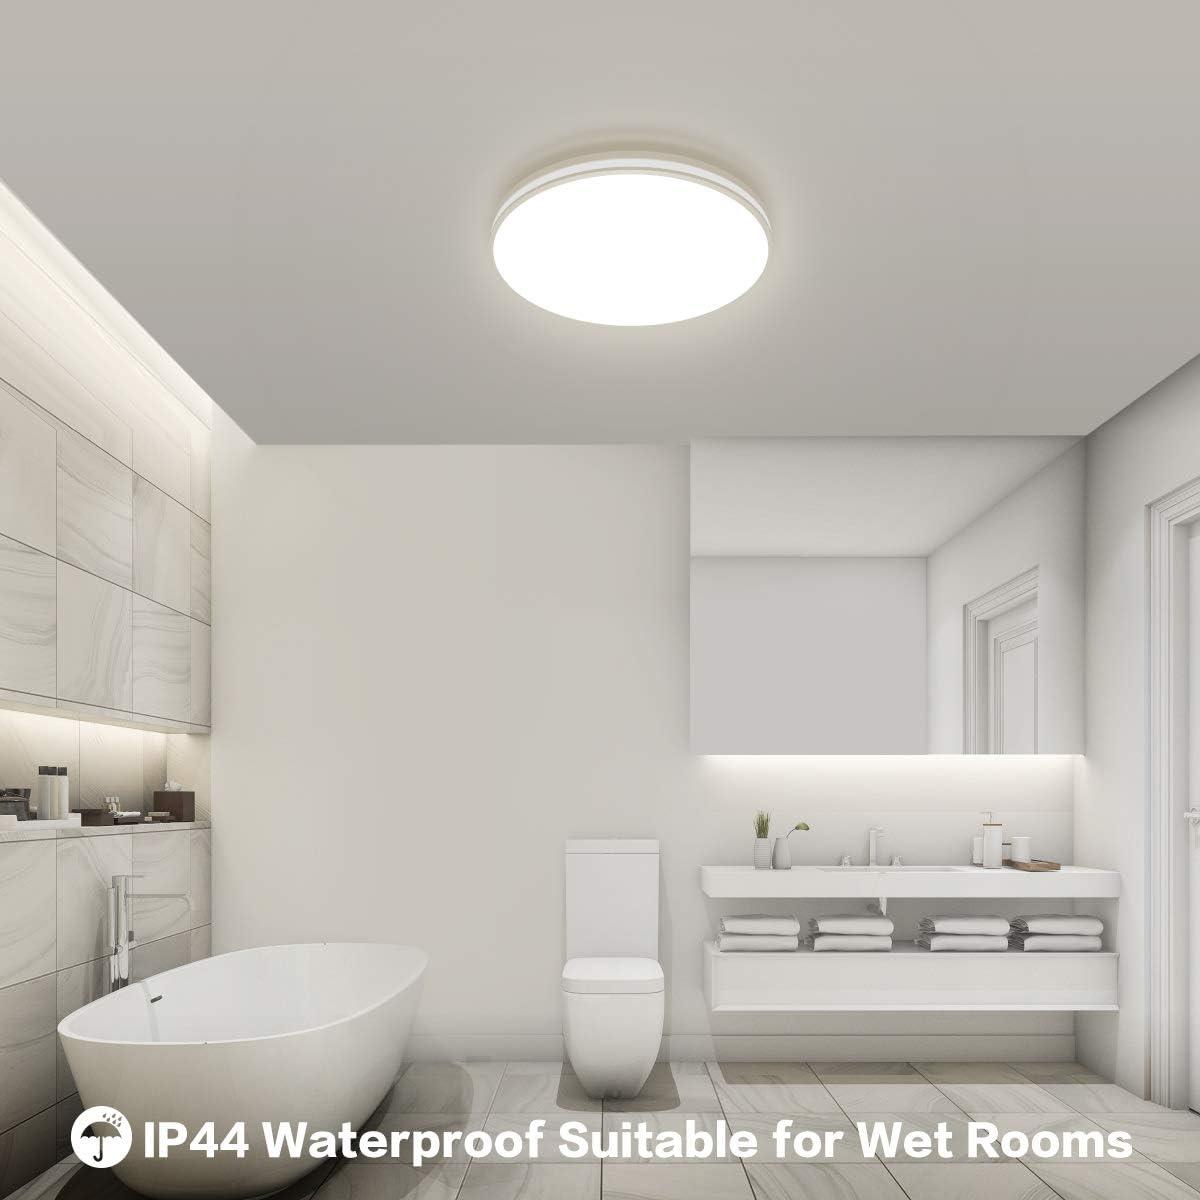 Deckenlampe LED Deckenleuchte Badezimmer Lampe Öuesen 20W 20LM ...